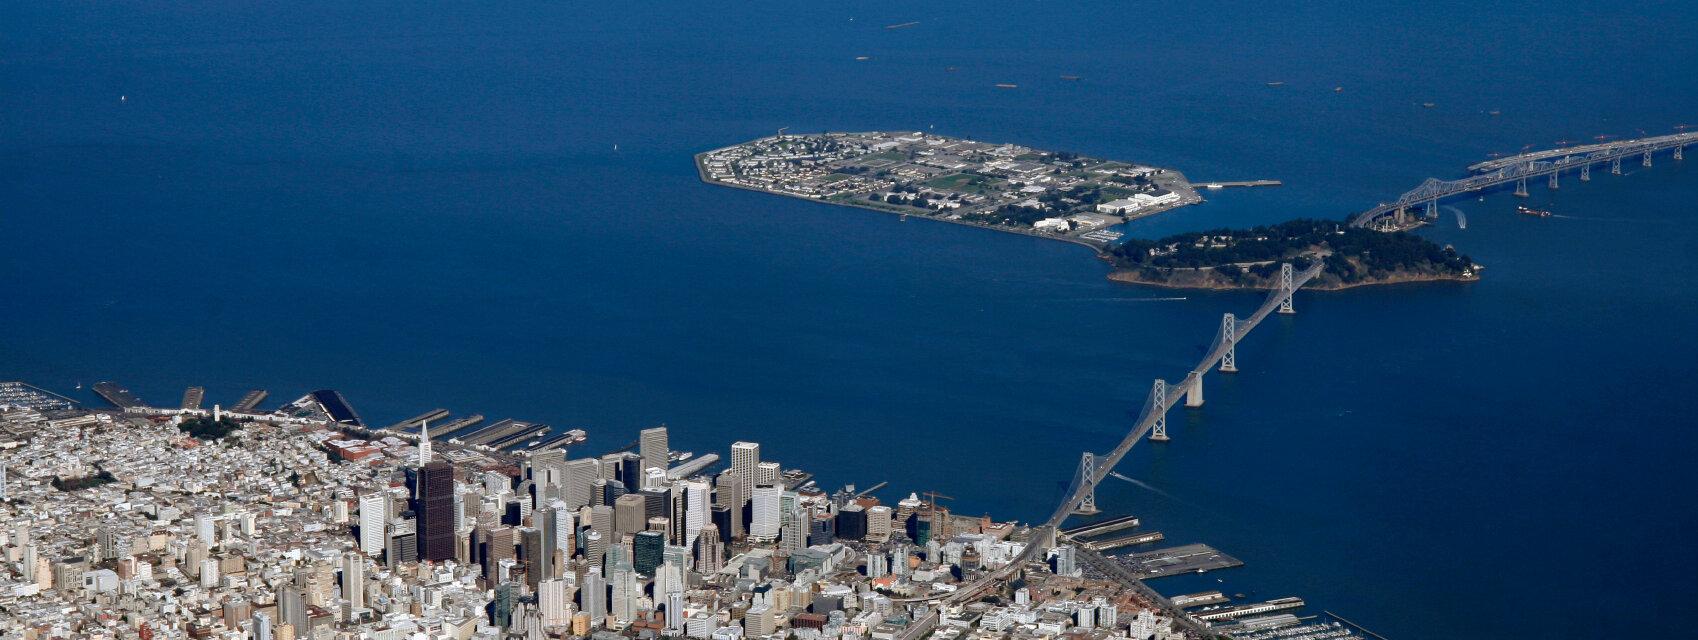 Поиск отелей в Сан-Франциско